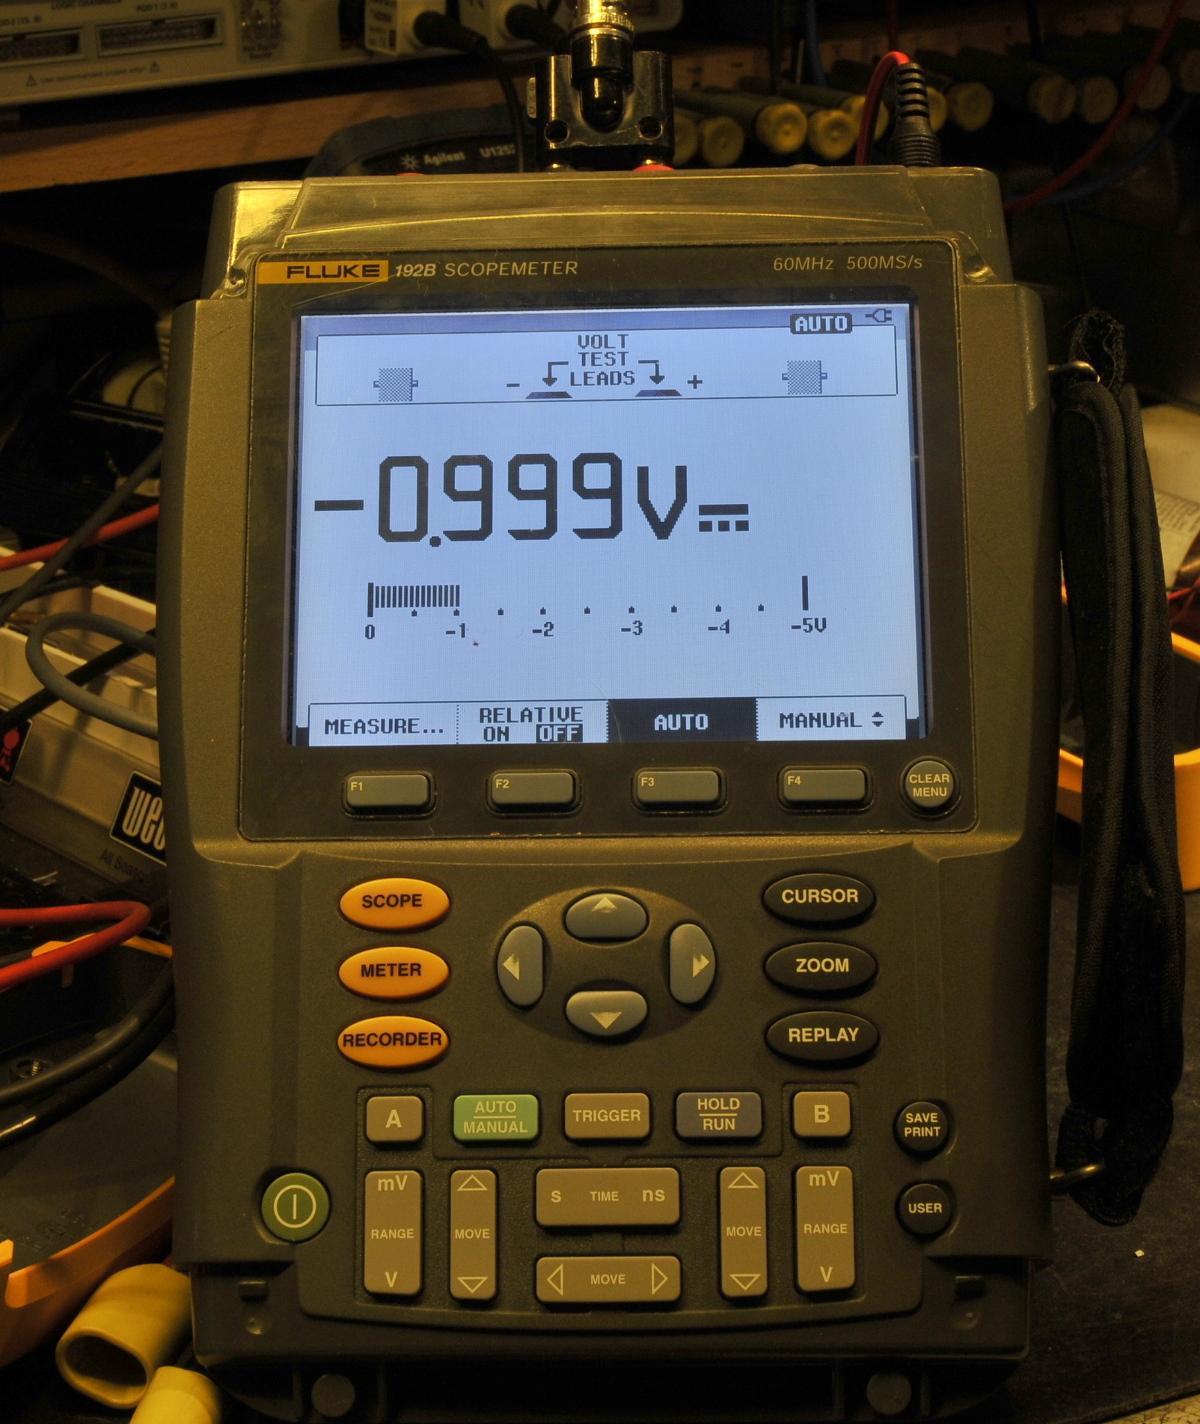 druck ups iii loop calibrator manual